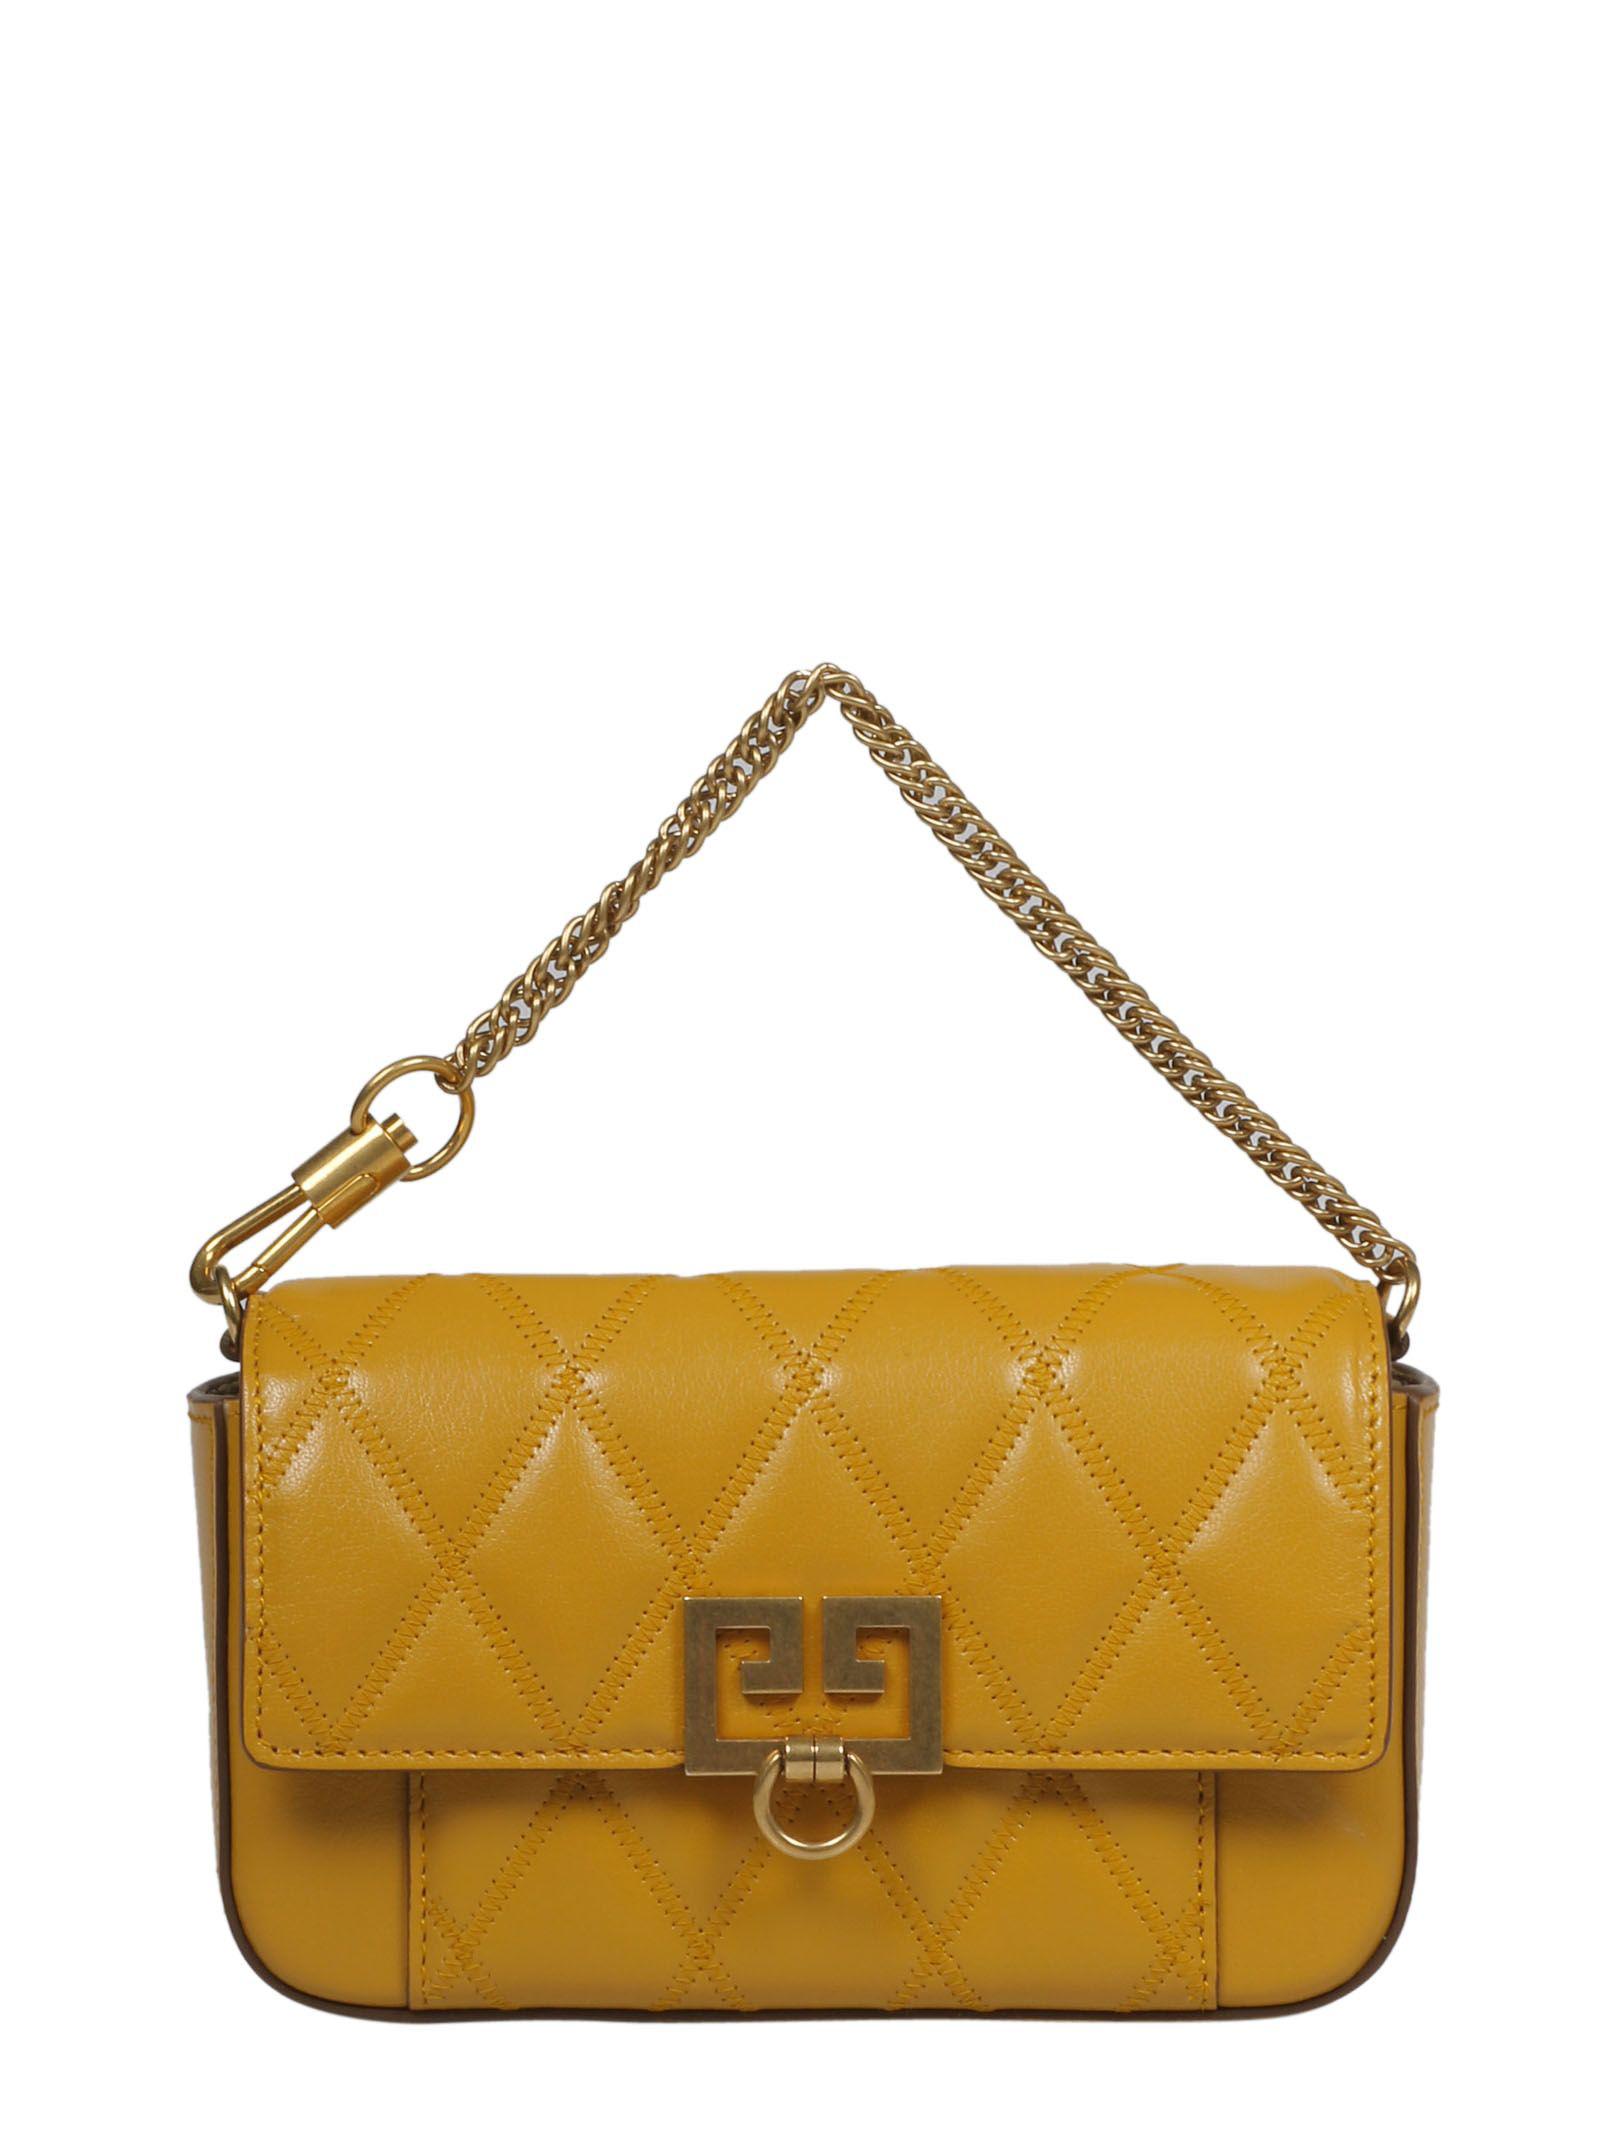 dc437b0a4719 Givenchy Gv3 Shoulder Bag